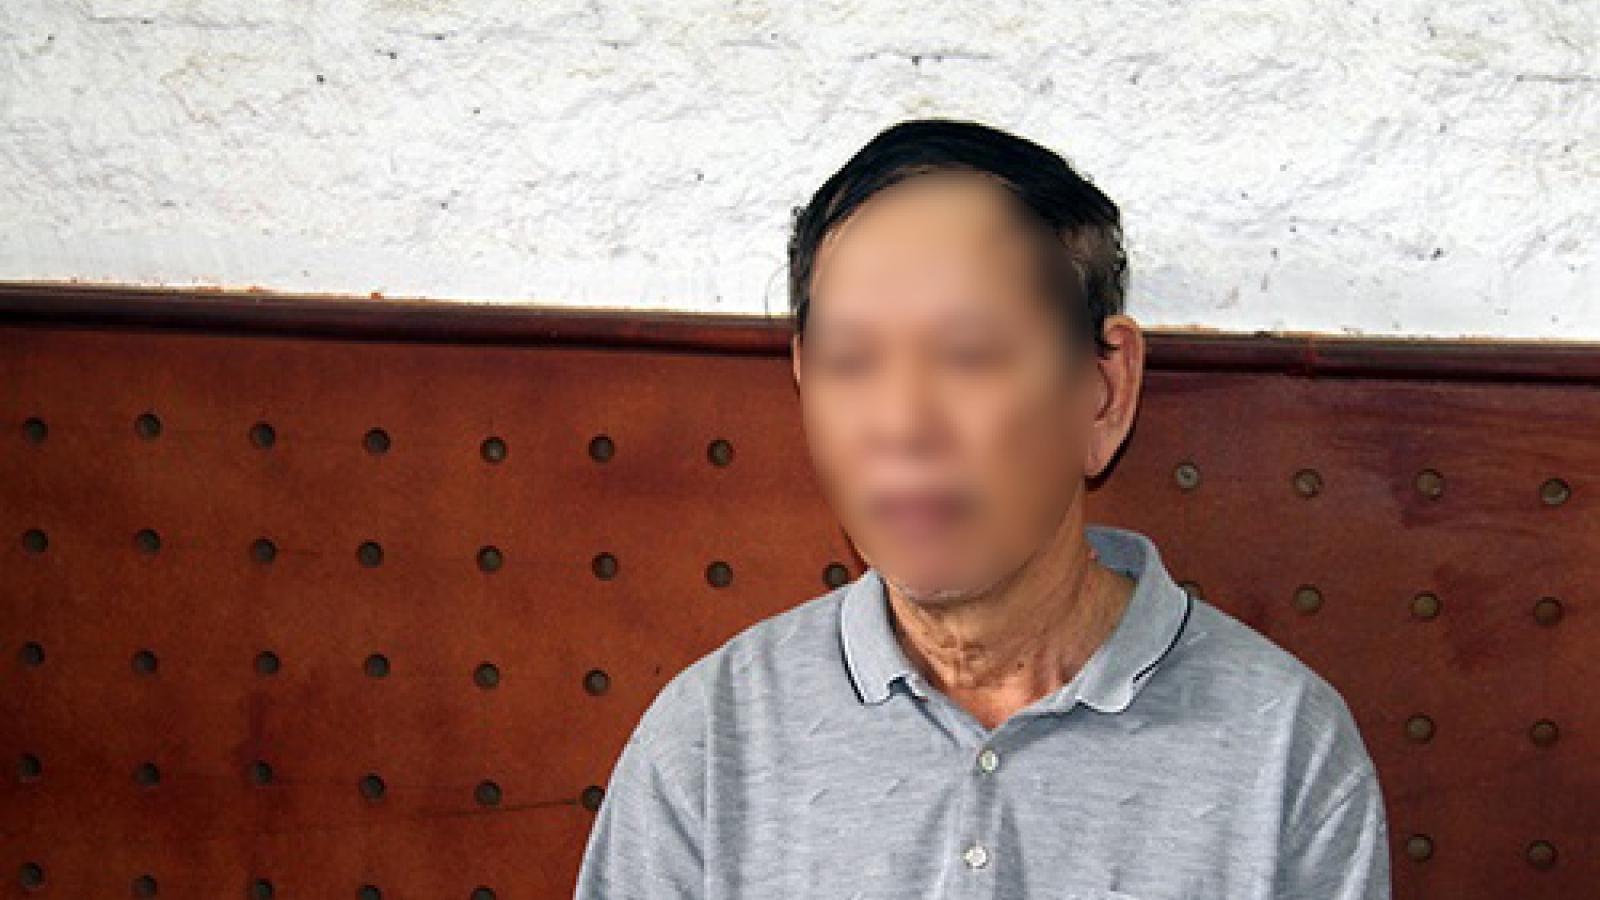 Lào Cai: Khởi tố vụ án người đàn ông U70 xâm hại cháu gái 13 tuổi